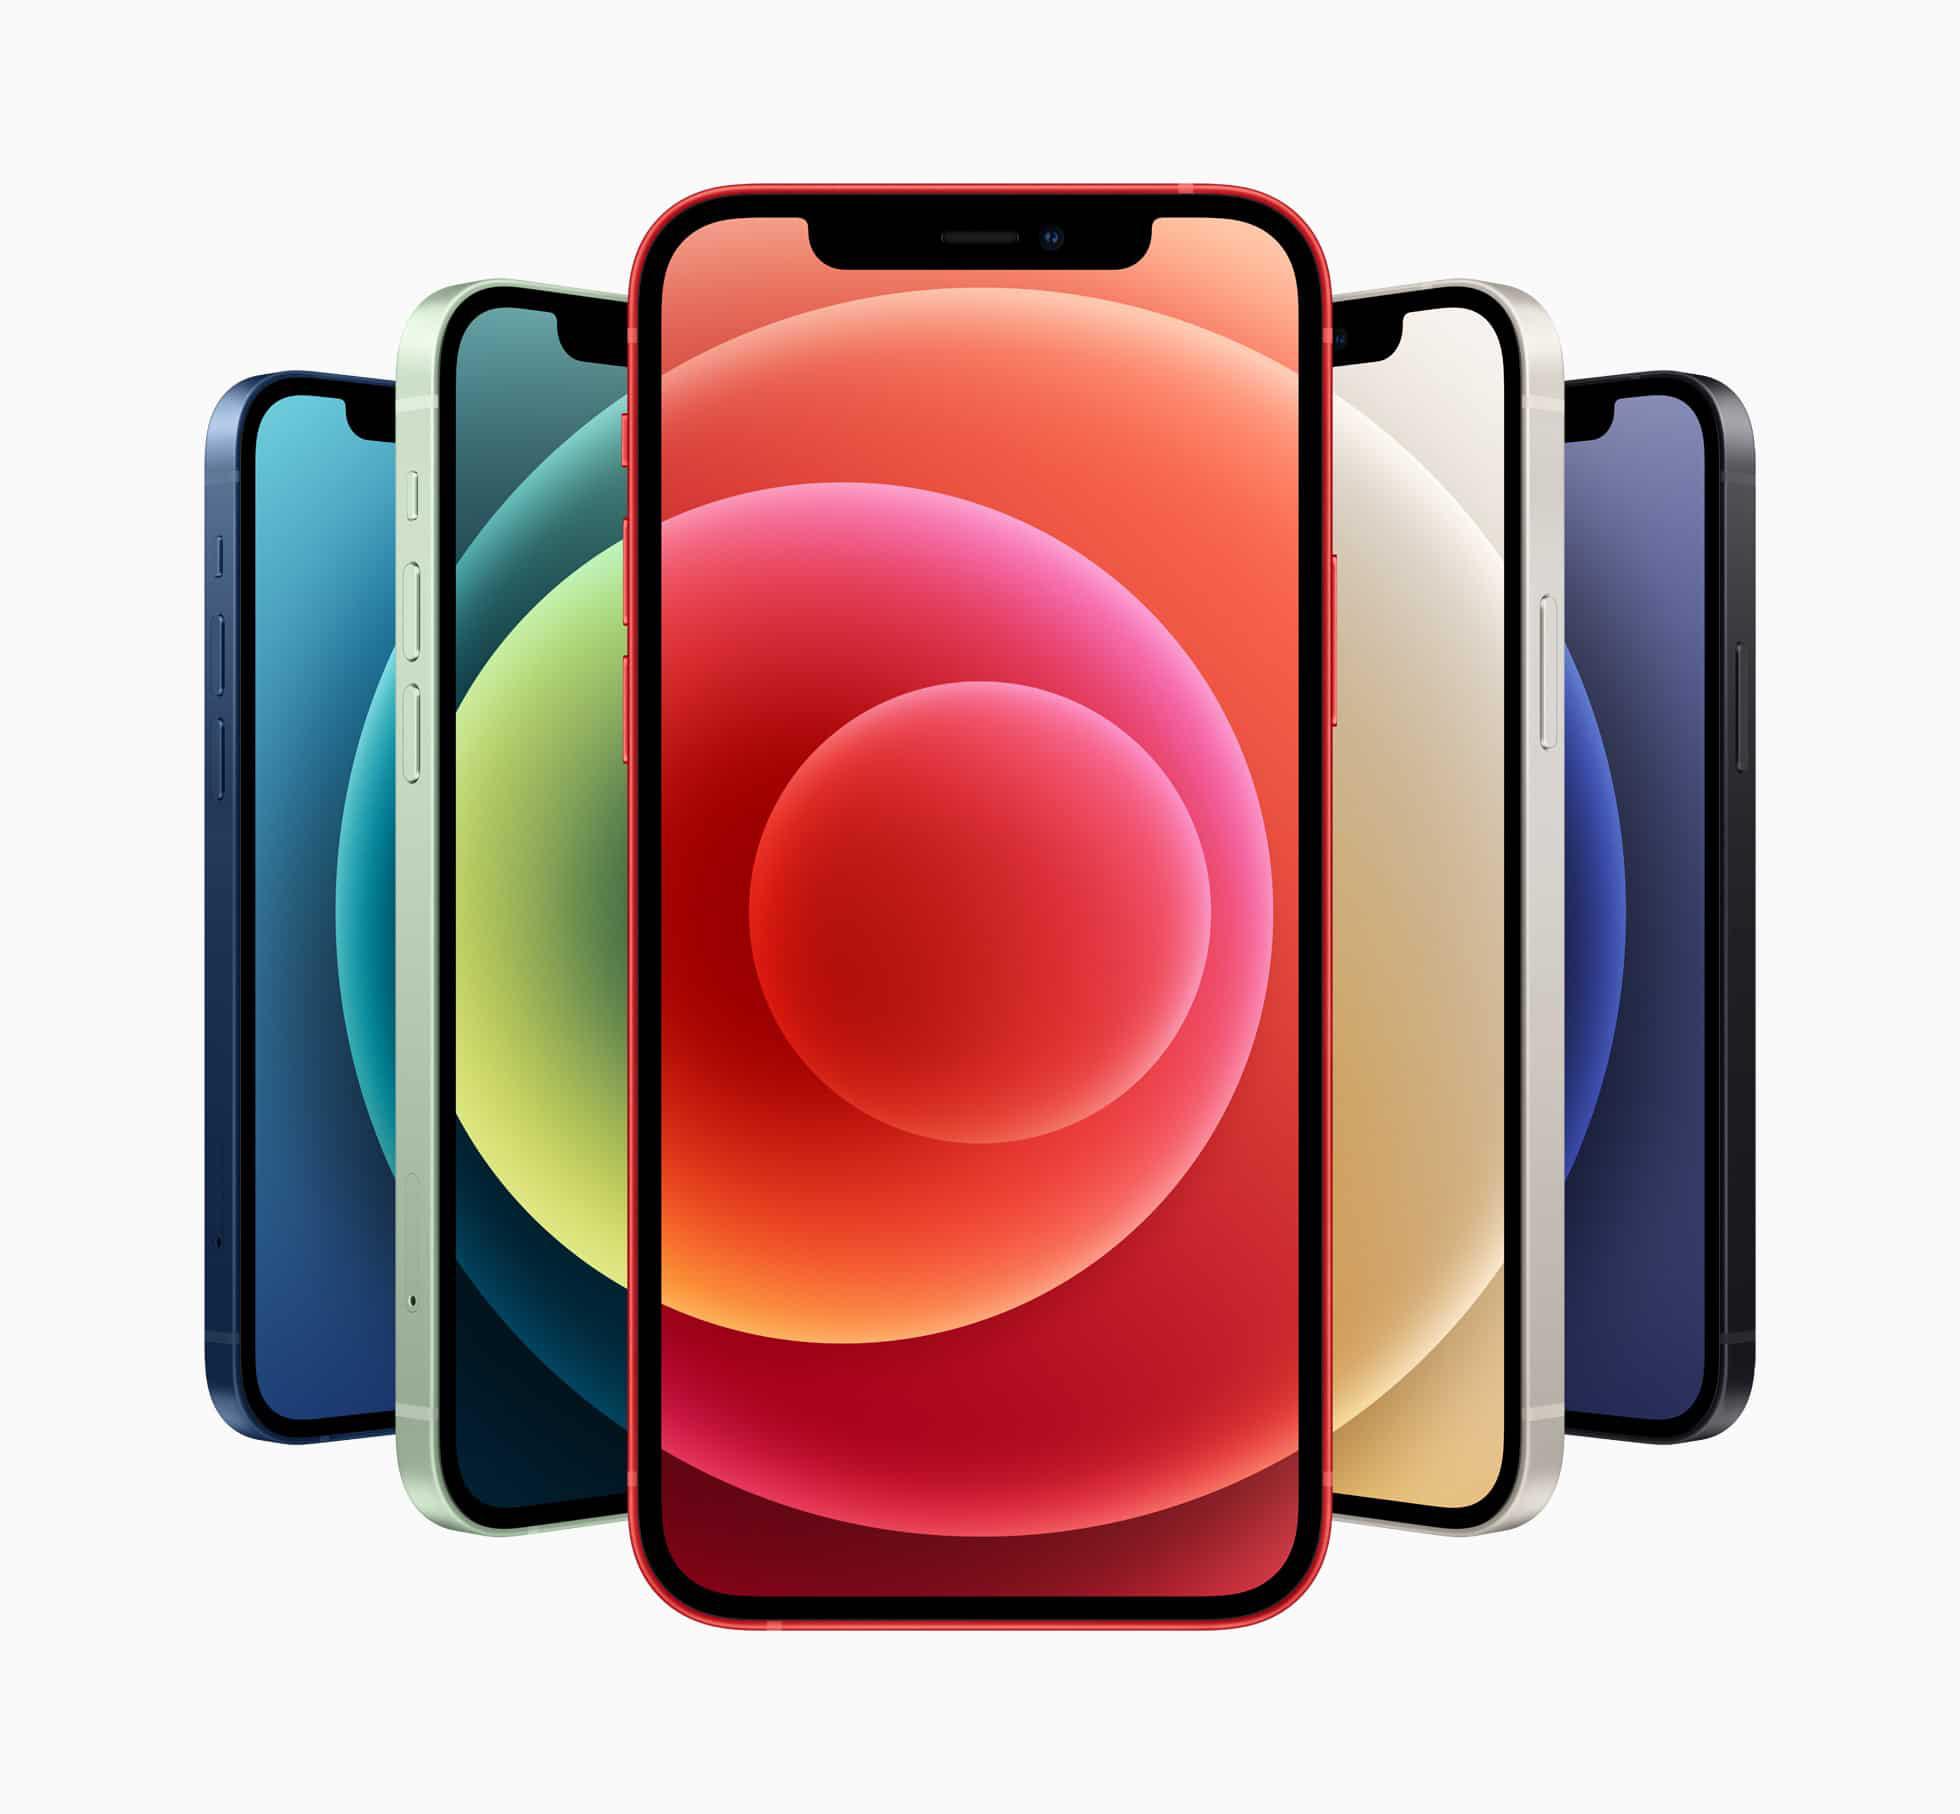 Đang dùng iPhone X có nên nâng cấp lên iPhone 12? - Ảnh 1.